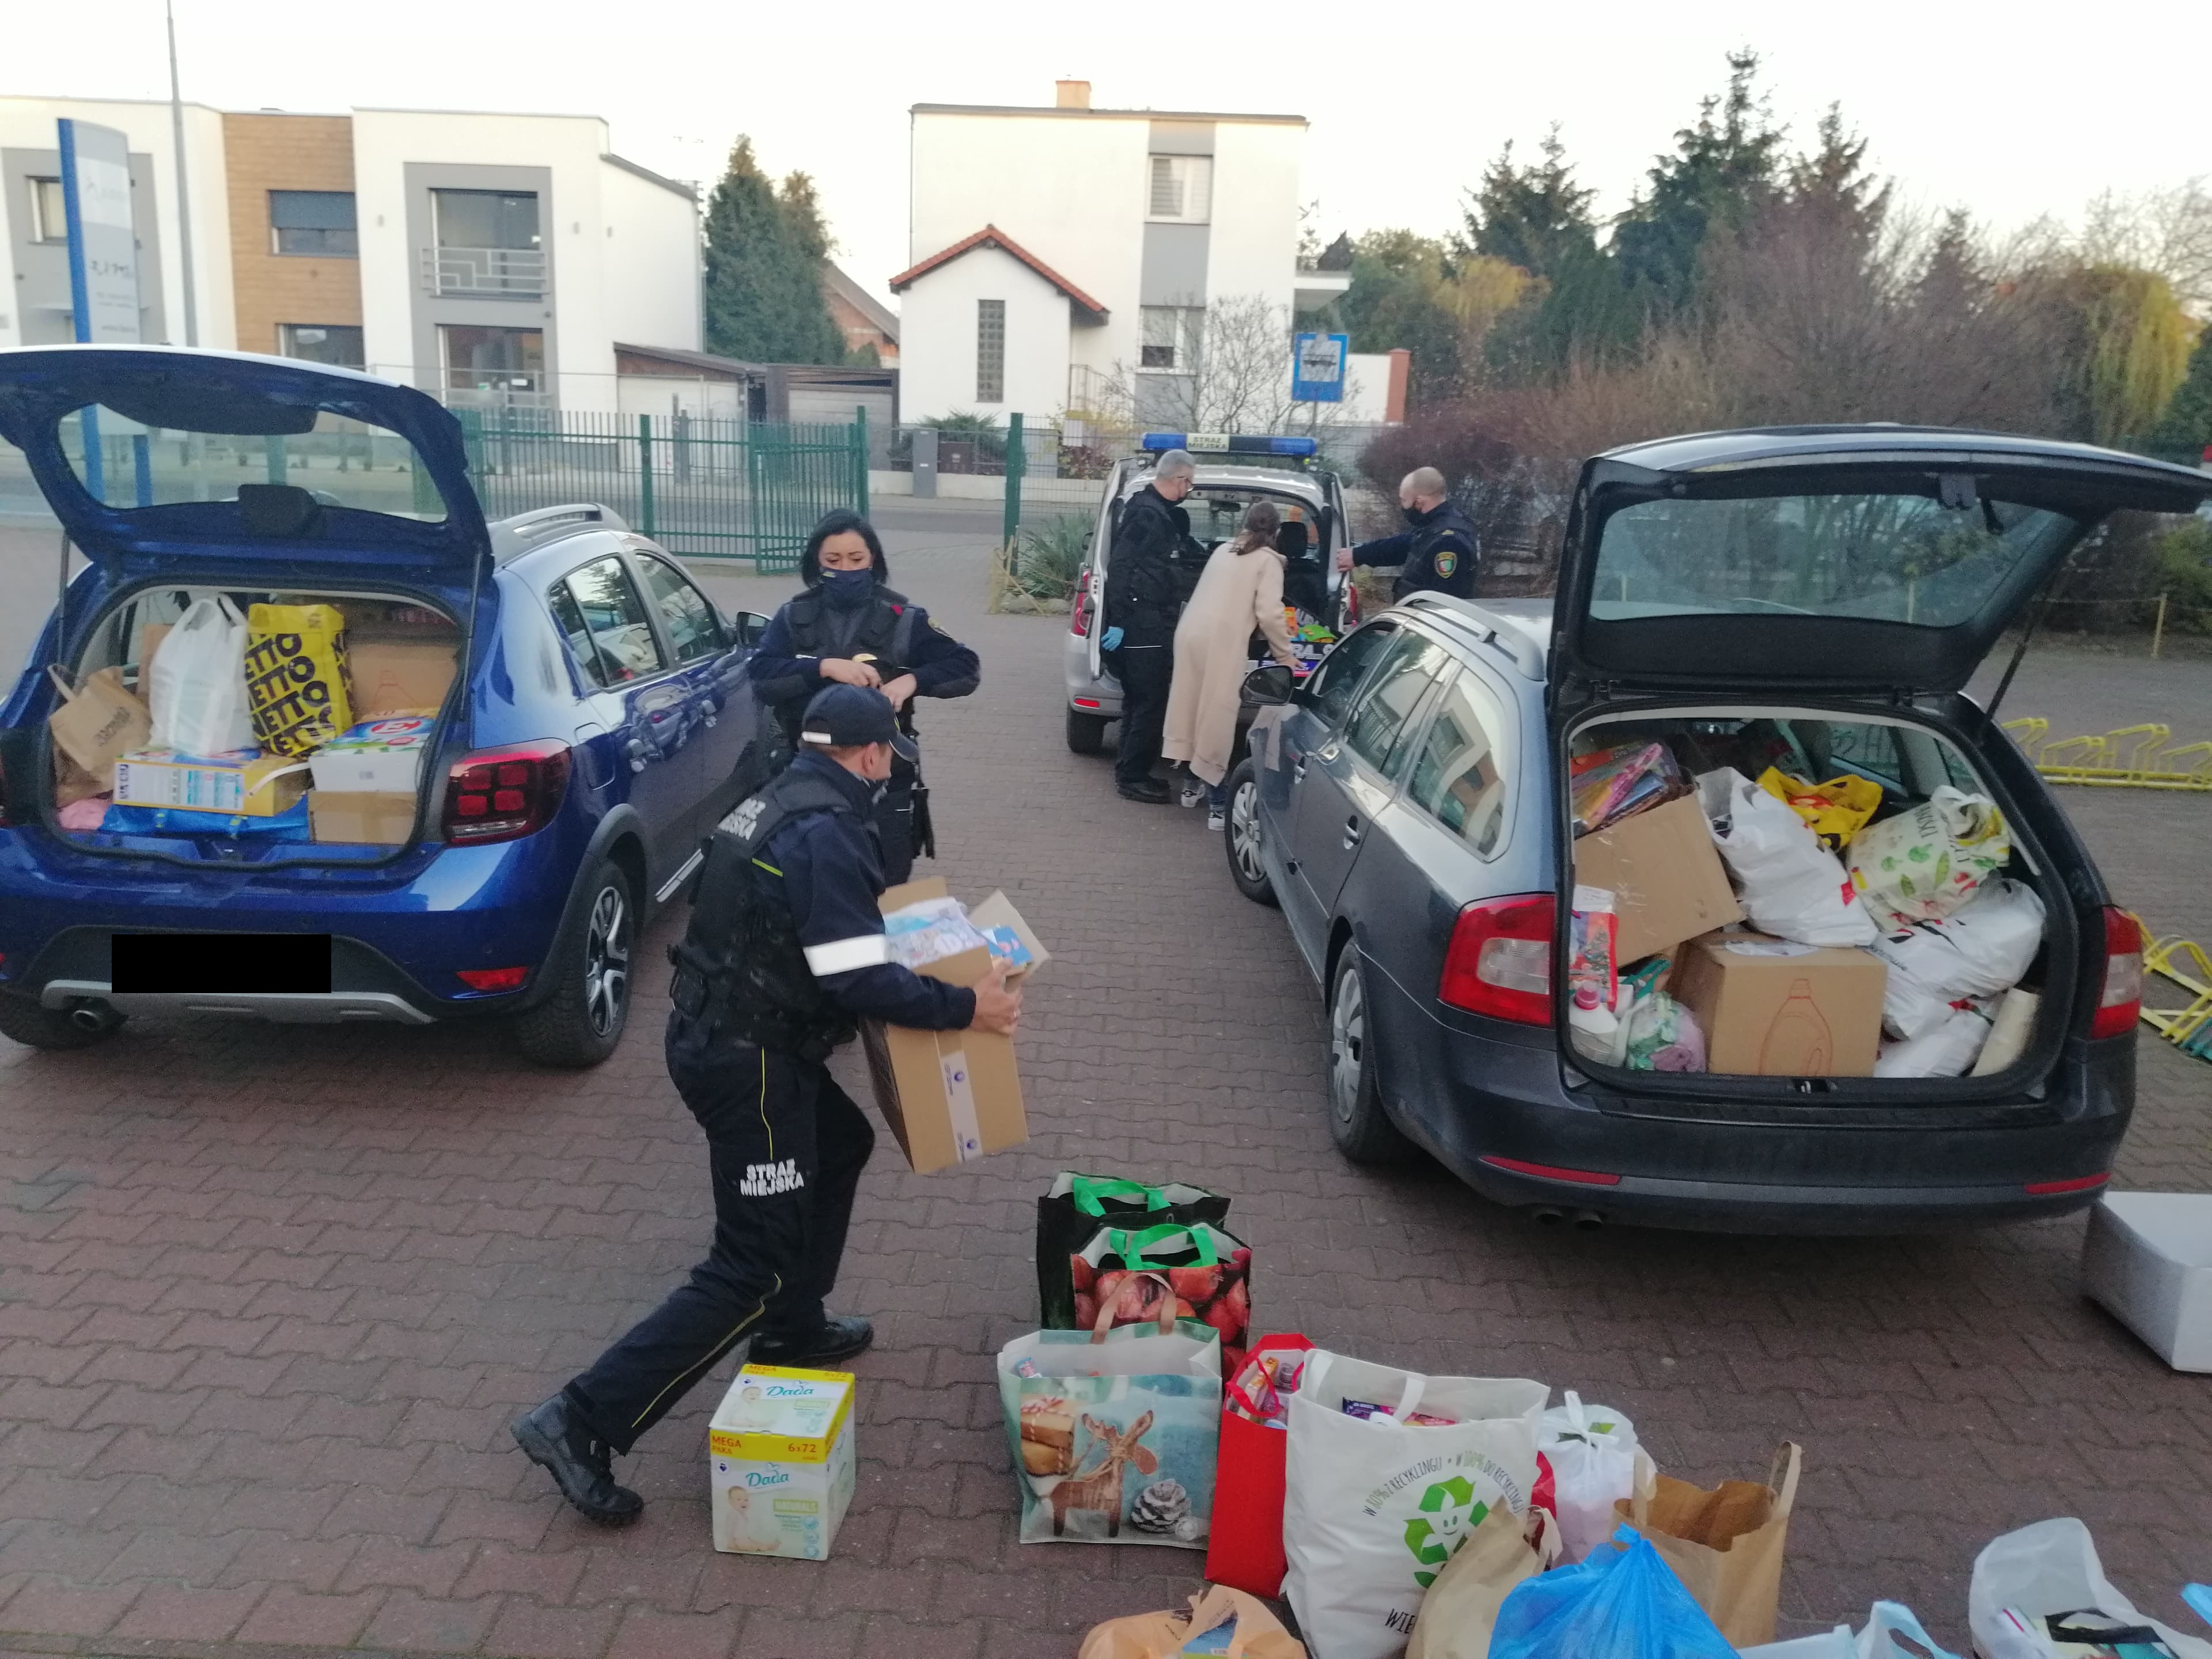 djęcie przedstawia strażników miejskih pakujących przedmioty do samochodów przed odwiezieniem do Hospicjum Domowego